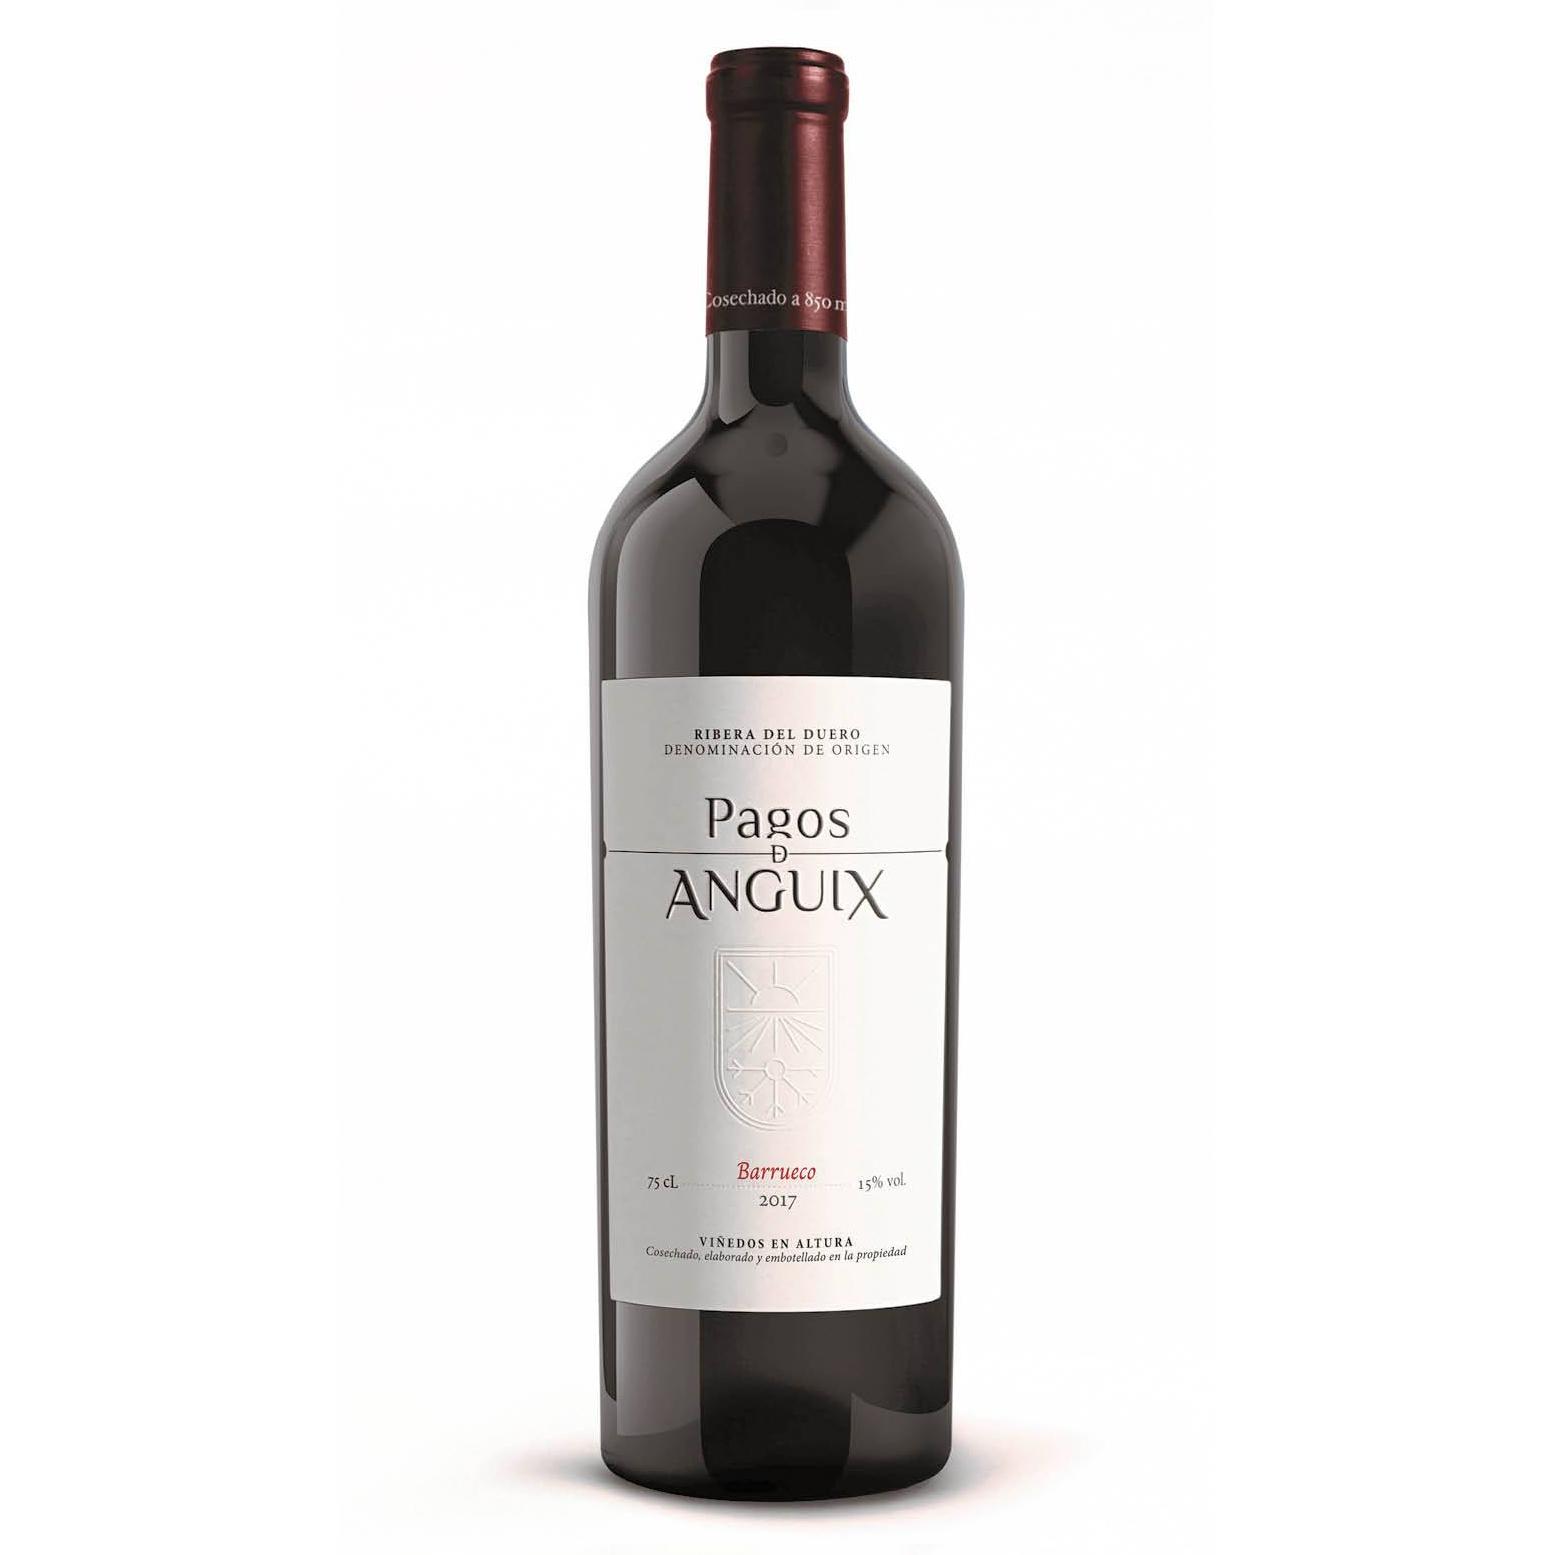 vinos-de-navidad-2020-pagos-anguix cropped